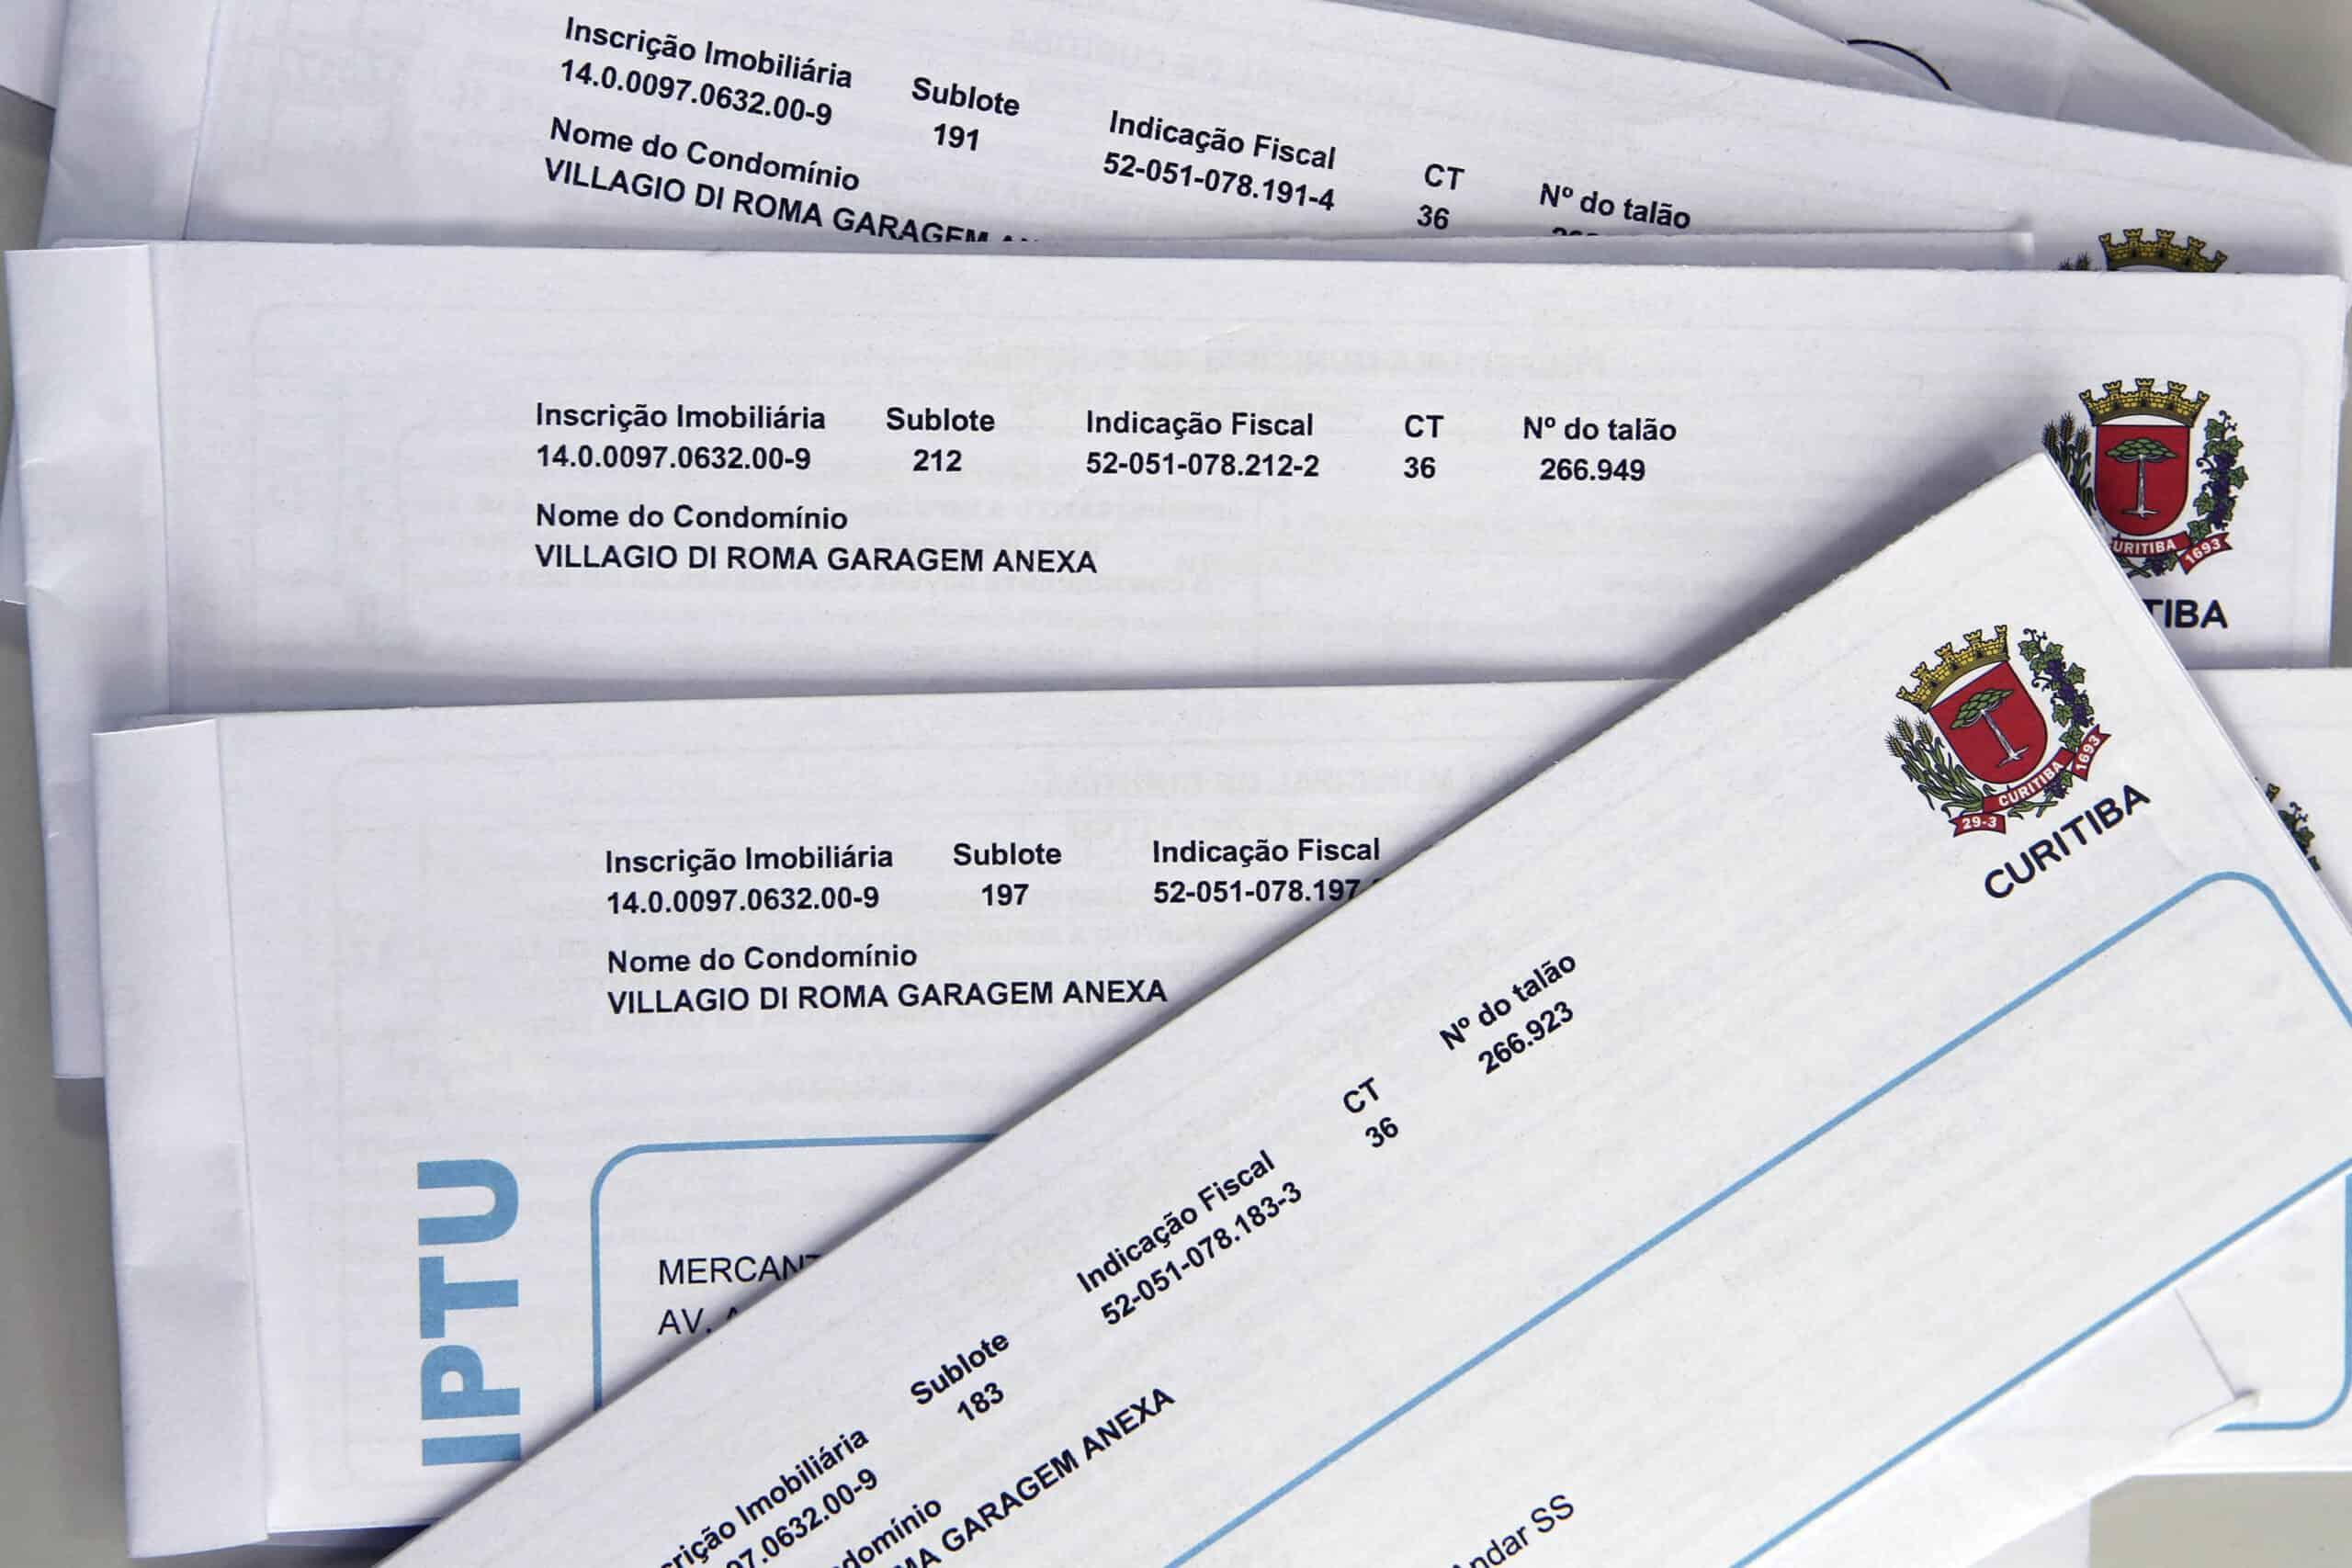 IPTU Curitiba 2020: prefeitura estende prazo para pagamento da 1ª parcela